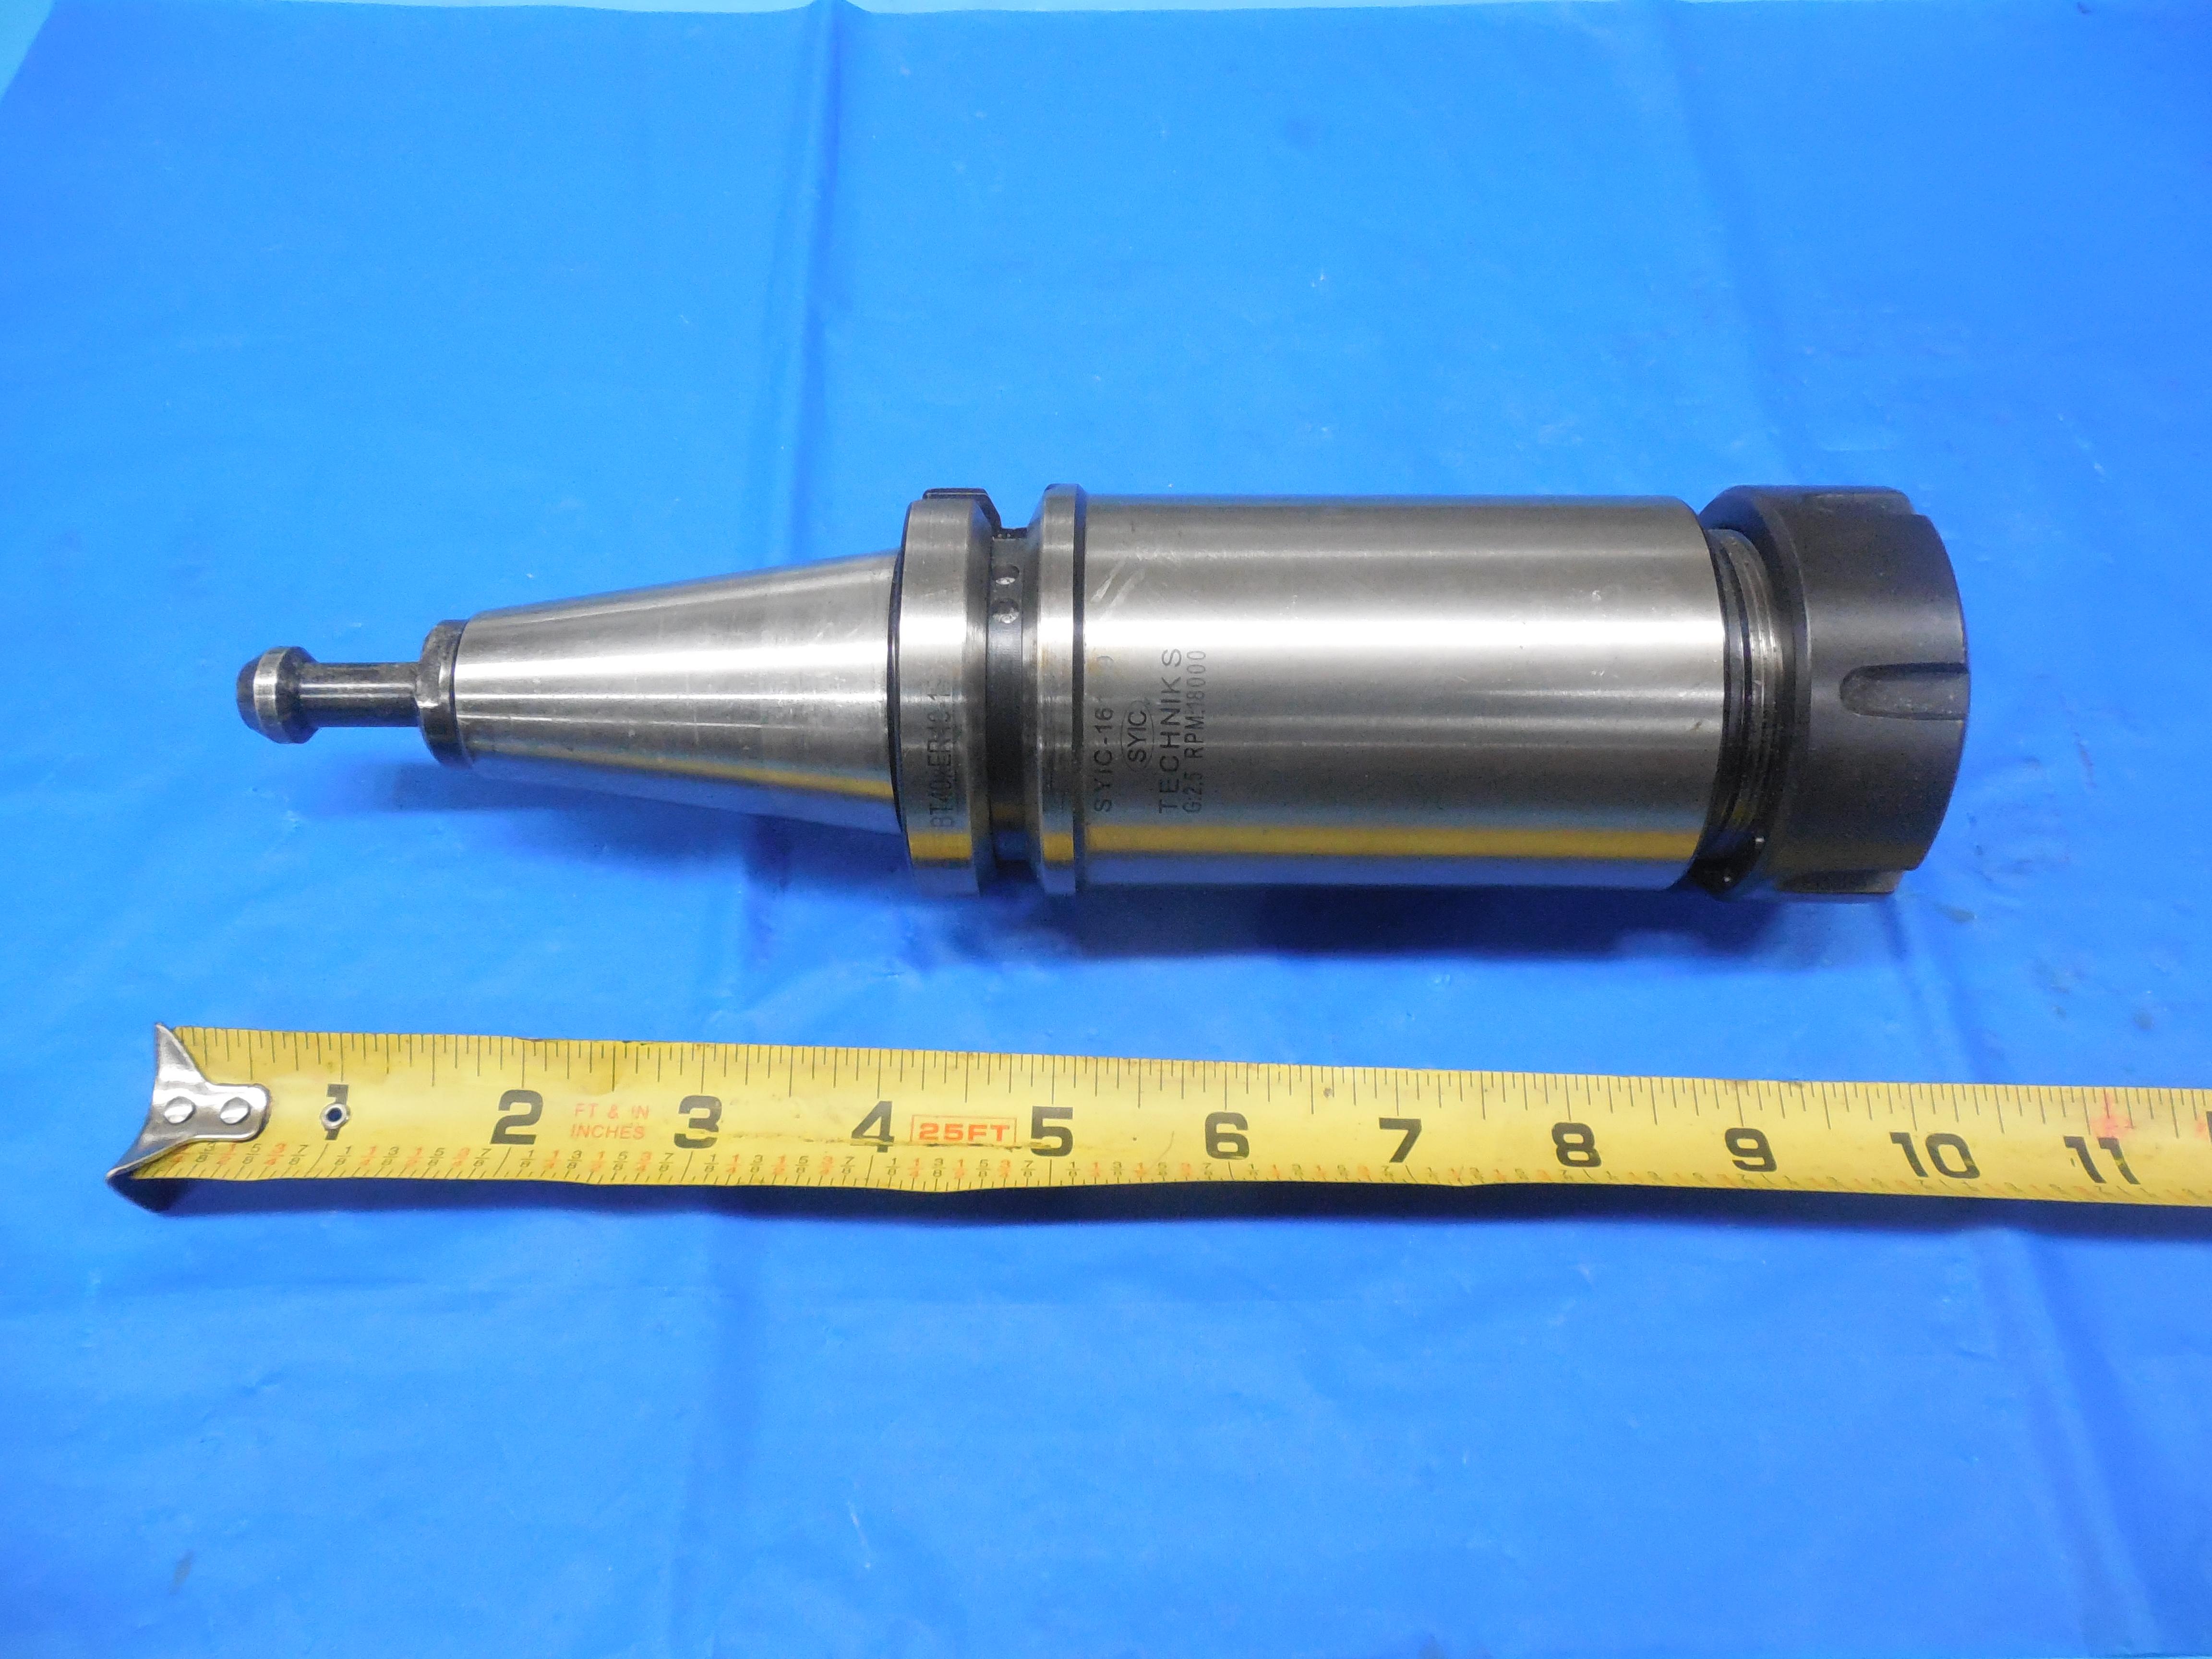 TG100 Tool Holder BT40 Extra Long